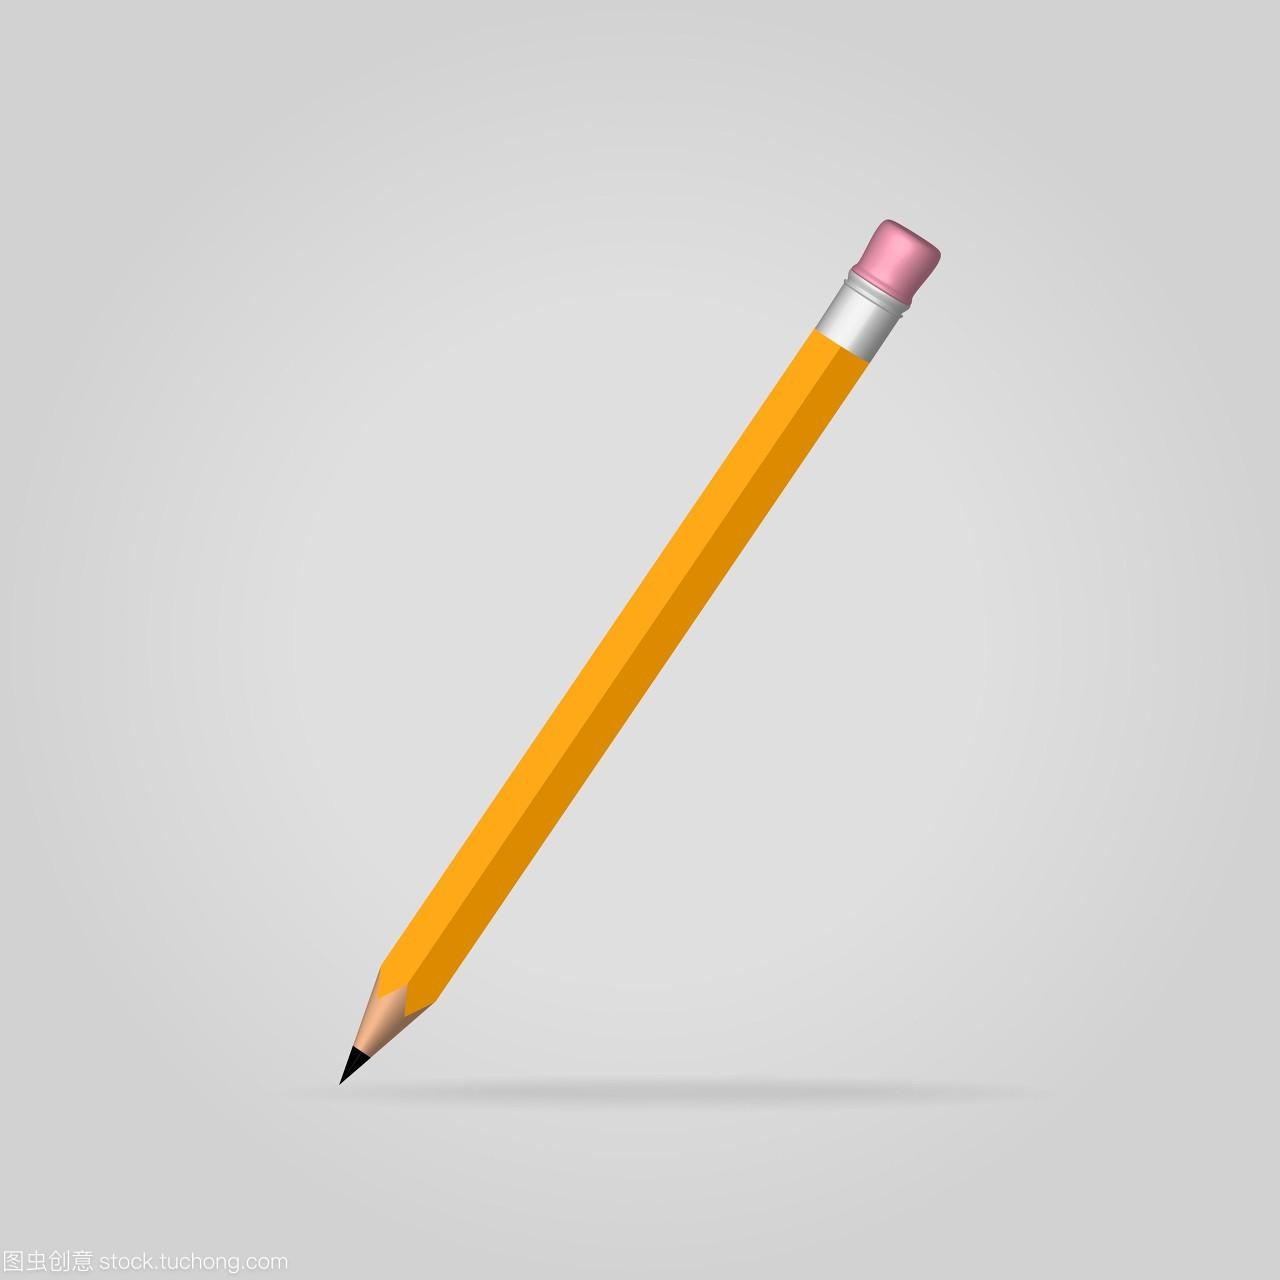 铅笔,孤立,国产,薄膜,锋利,锐利,尖锐,a铅笔,尖利,v铅笔背景聚酰亚胺黄色图片